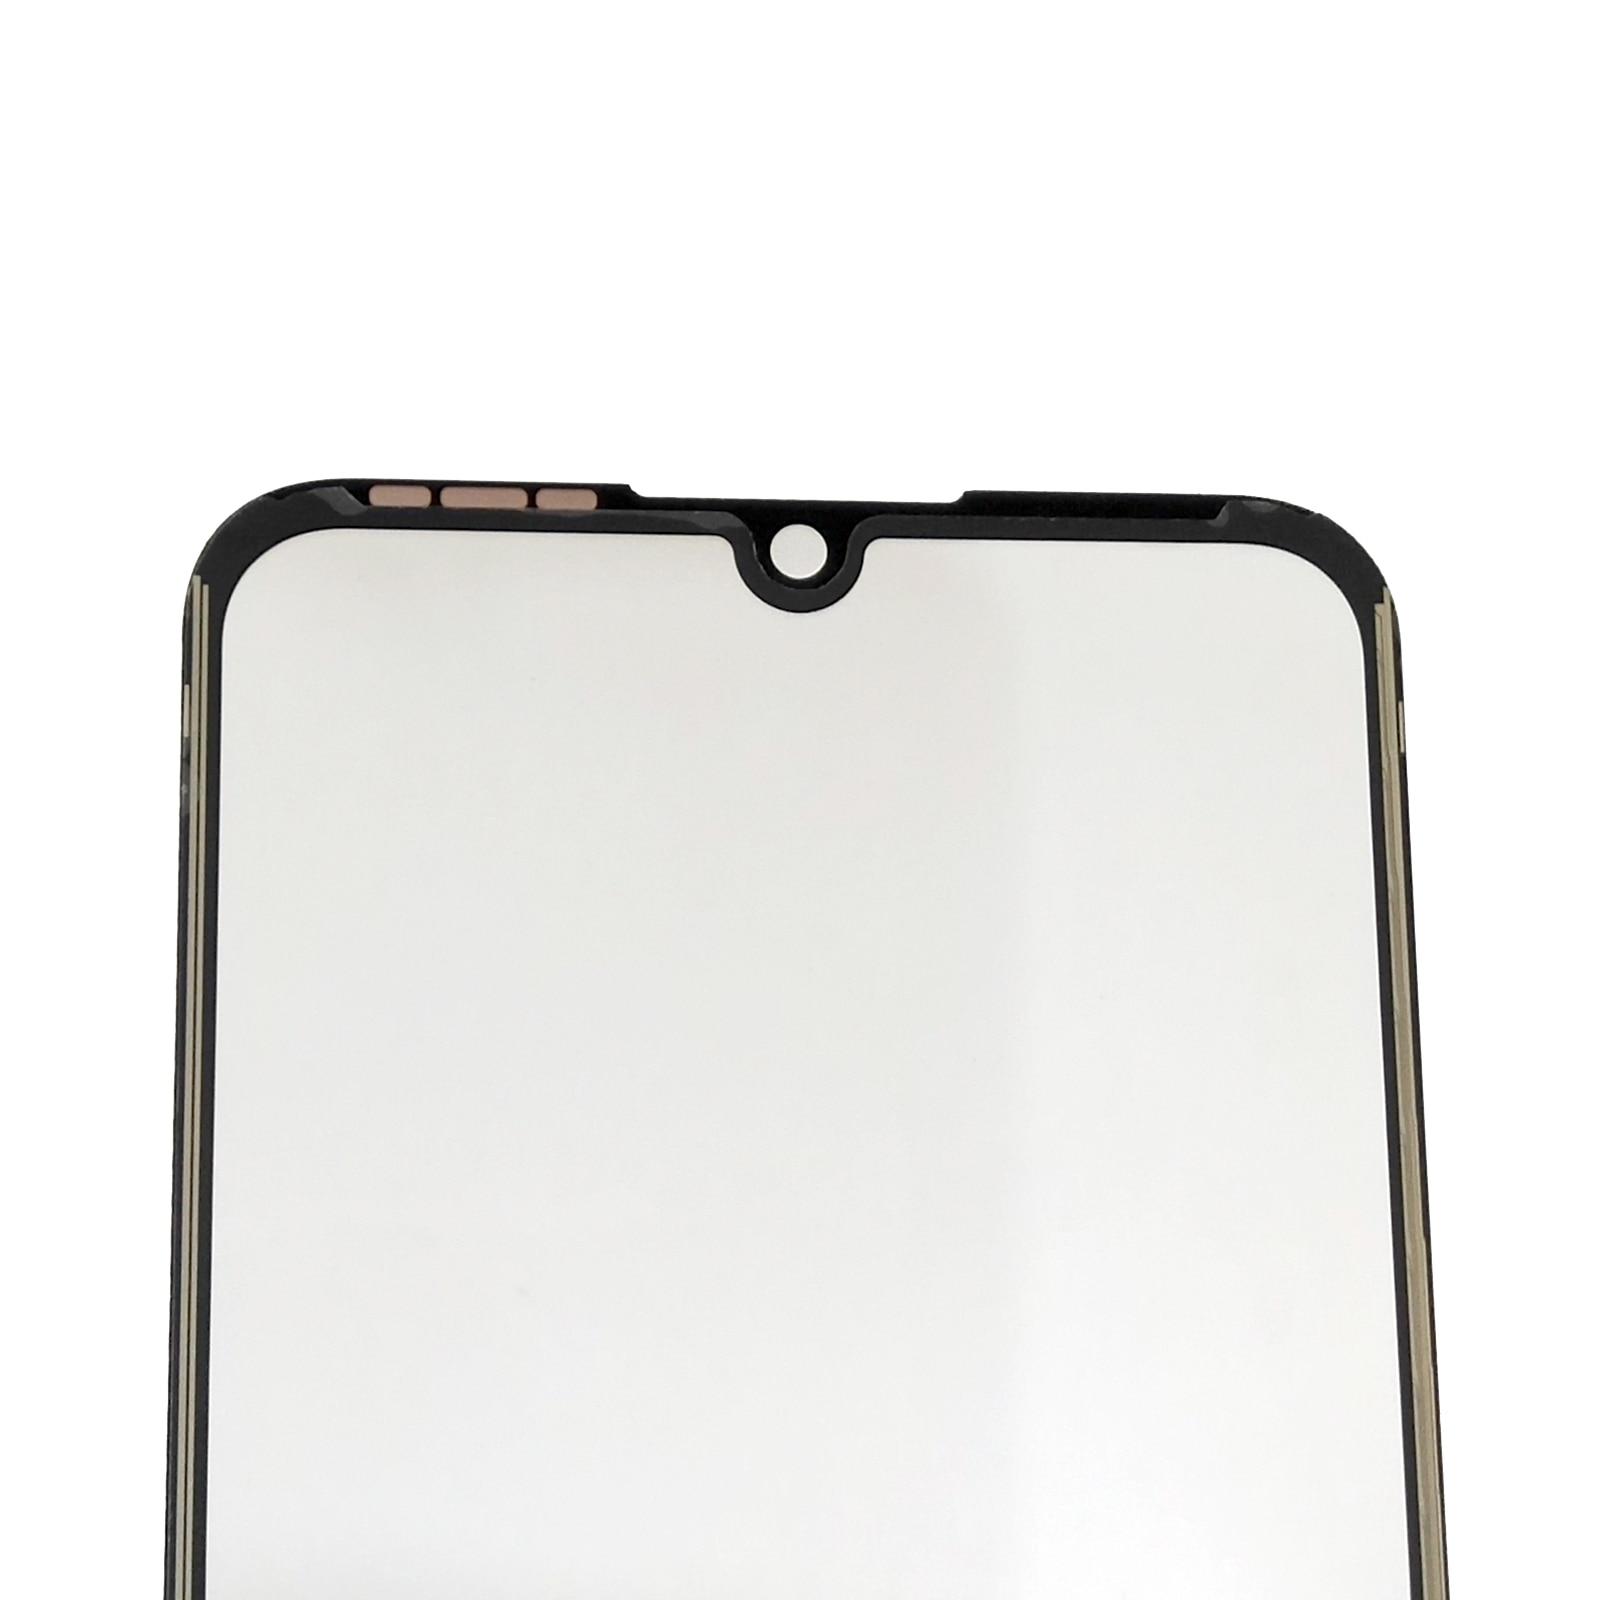 """פלאזמה Shyueda 100% בניו 6.09"""" עבור Huawei Y6 / ראש Y6 2019 MRD-LX1 LX1F Outer קדמי מסך זכוכית Touch (4)"""